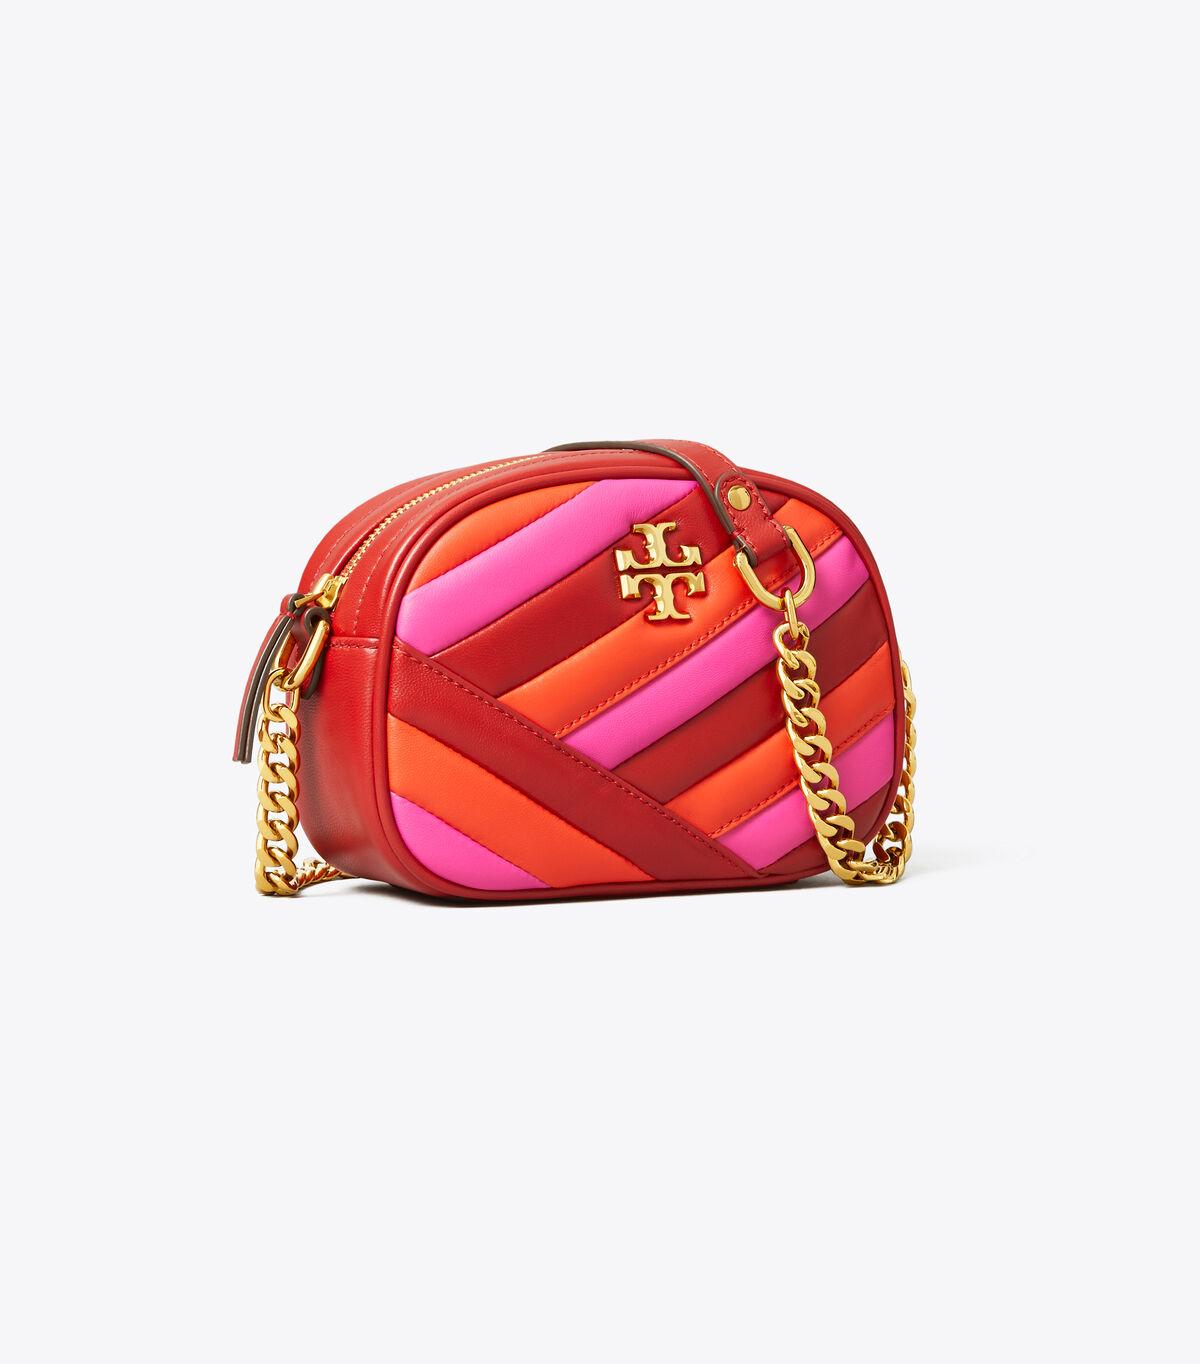 KIRA CHEVRON COLOR-BLOCK SMALL CAMERA BAG   620   Crossbody Bags